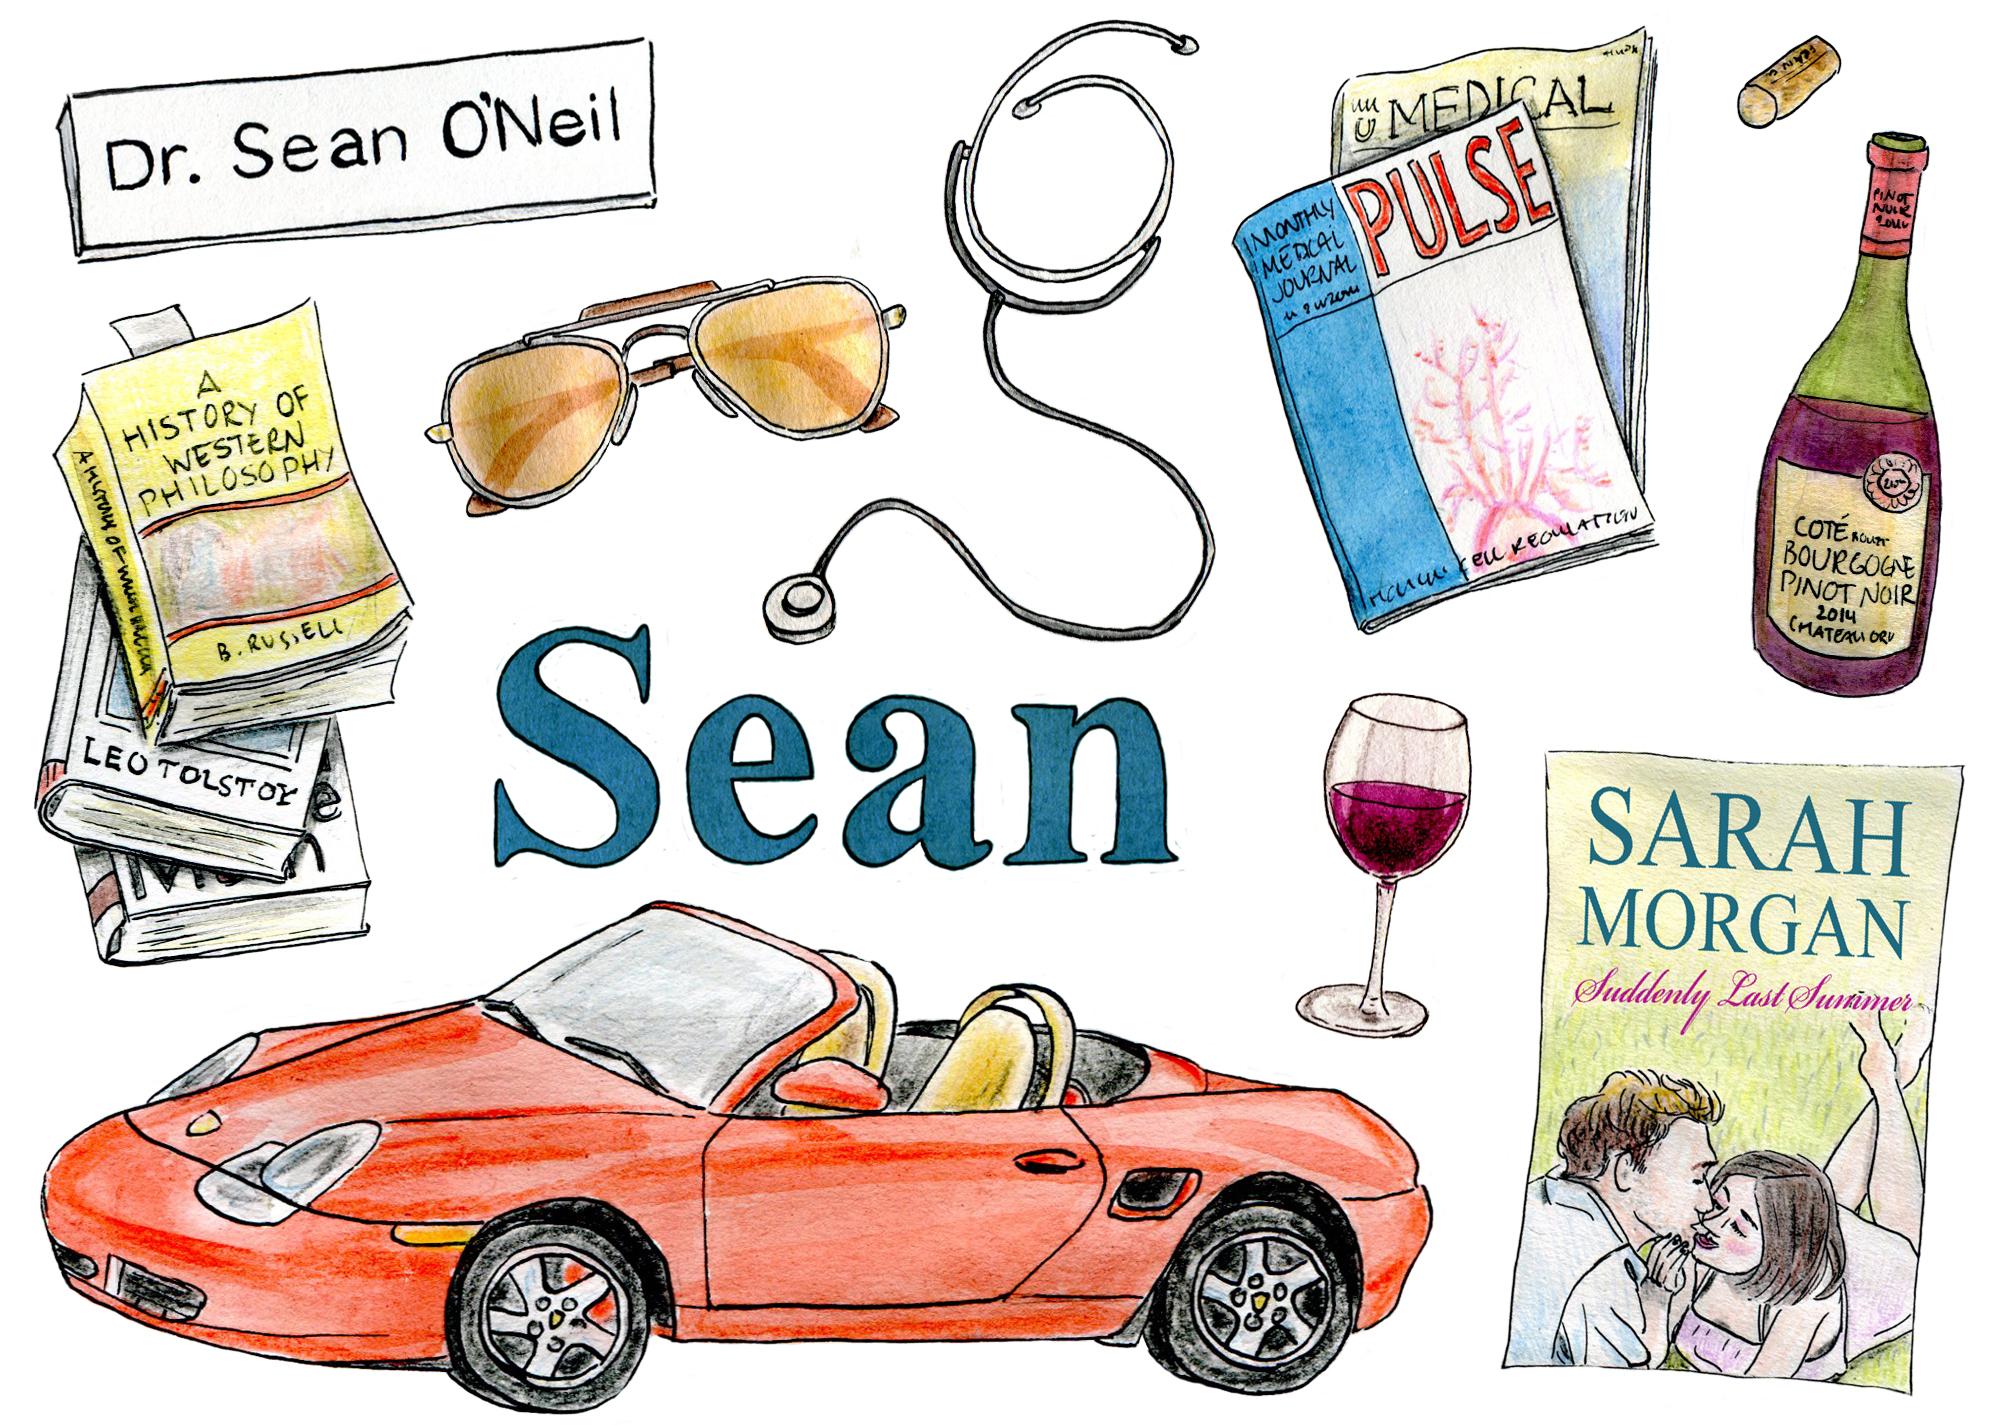 Mangomini-Sarah Morgan-Sean